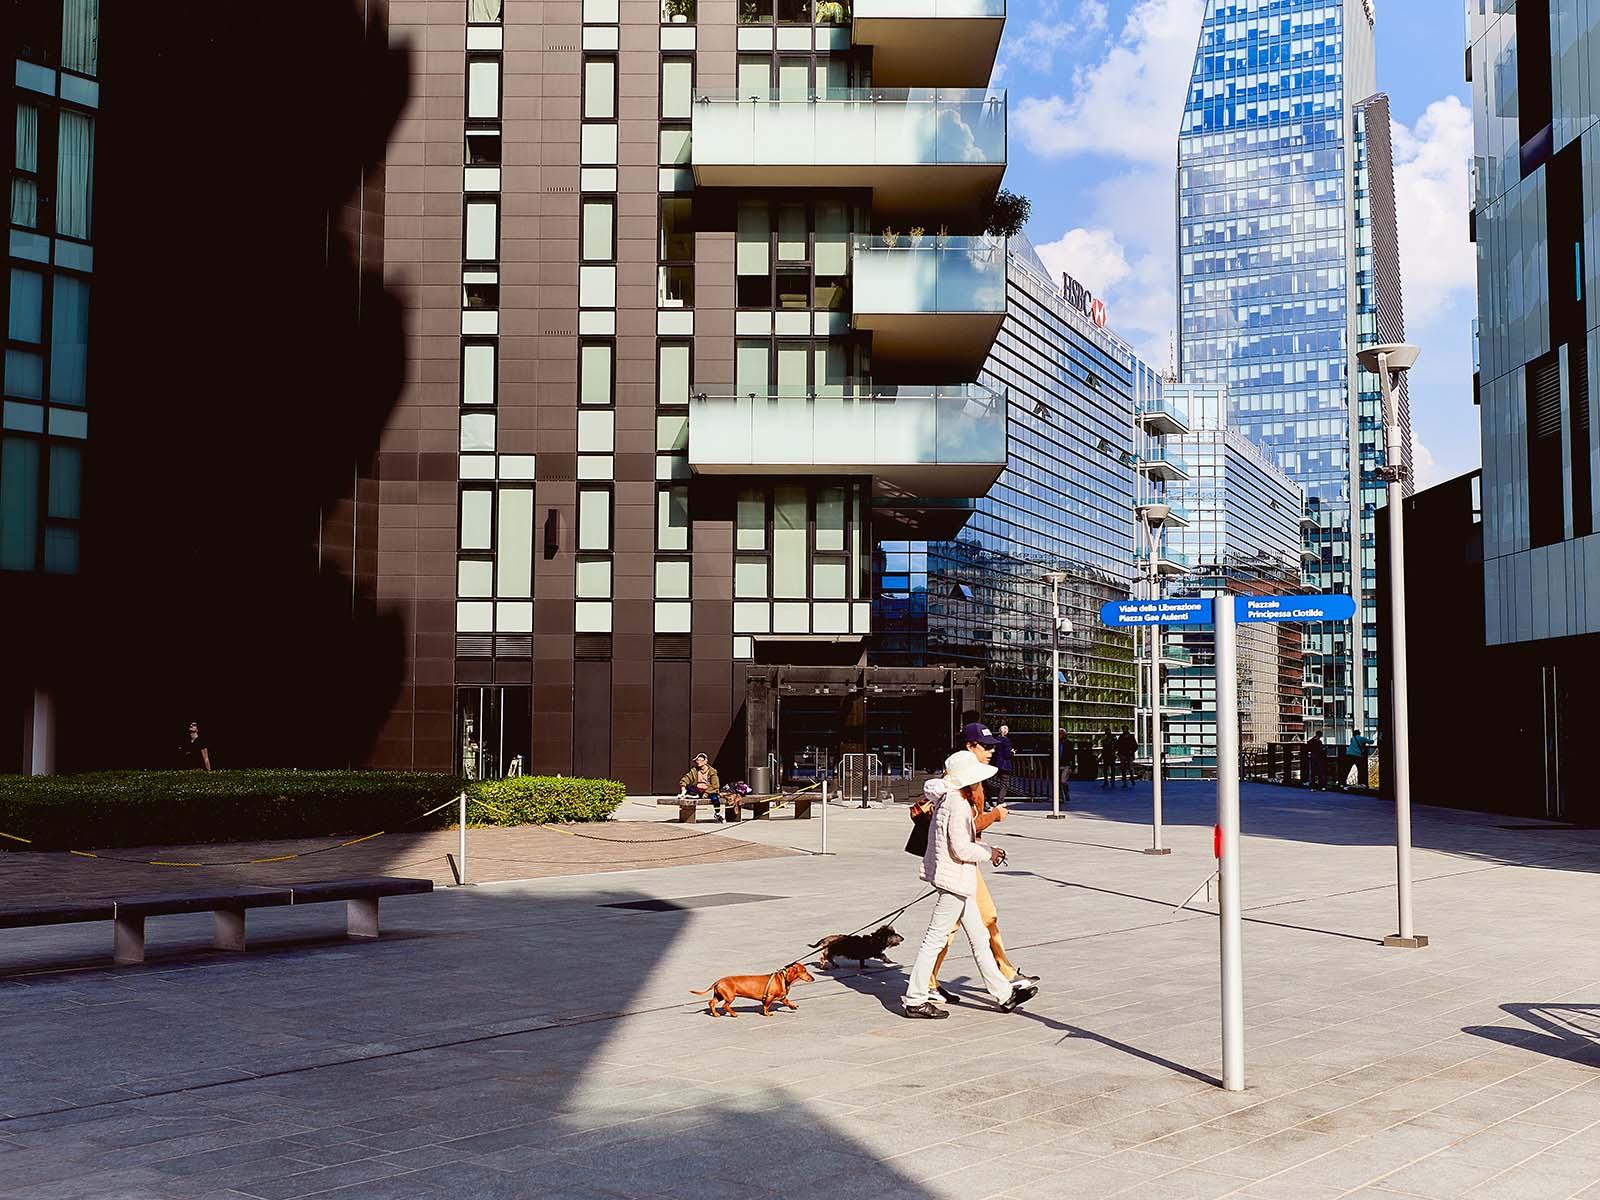 Fotografo di architettura a Milano Bosco Verticale Torri Aria, Solaria, Solea